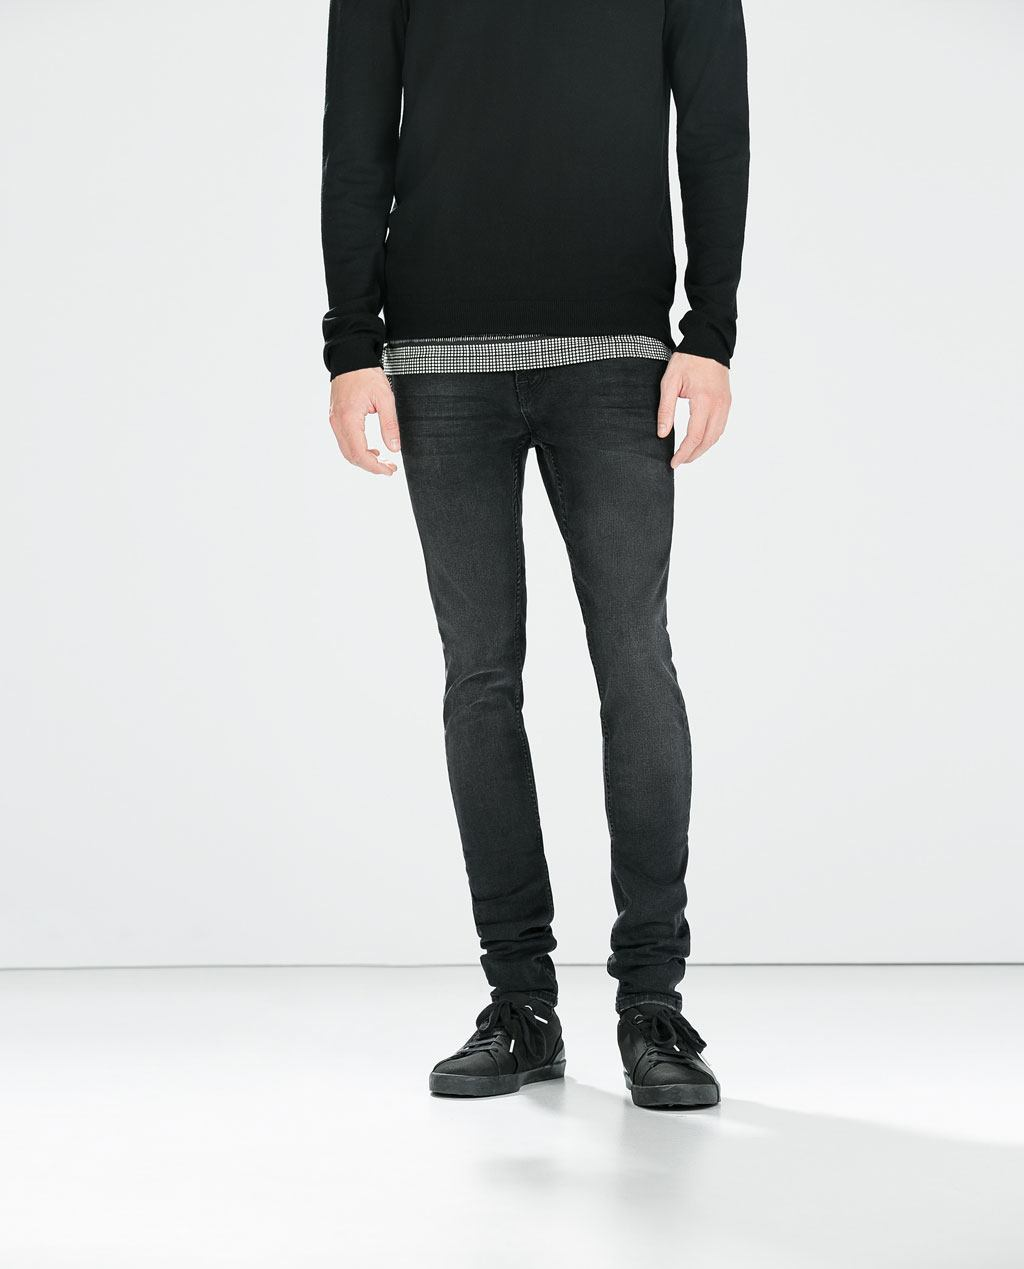 moda-pantalones-y-jeans-vaqueros-hombre-otono-invierno-2014-2015-tendencias-modelo-skinny-zara